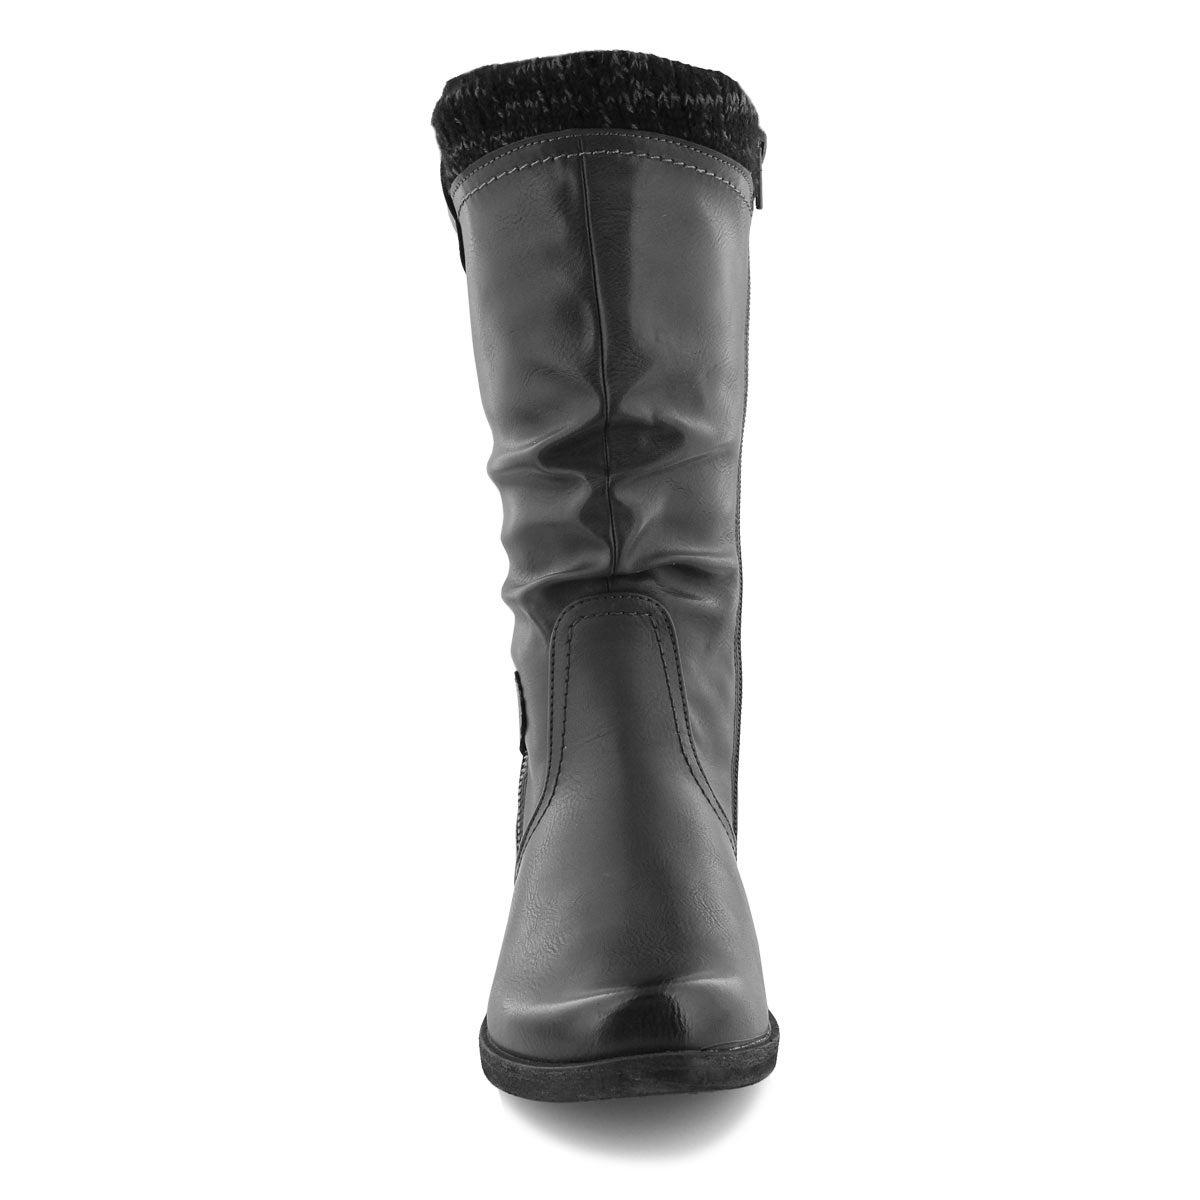 Lds Venus 05 anthracite mid calf boot